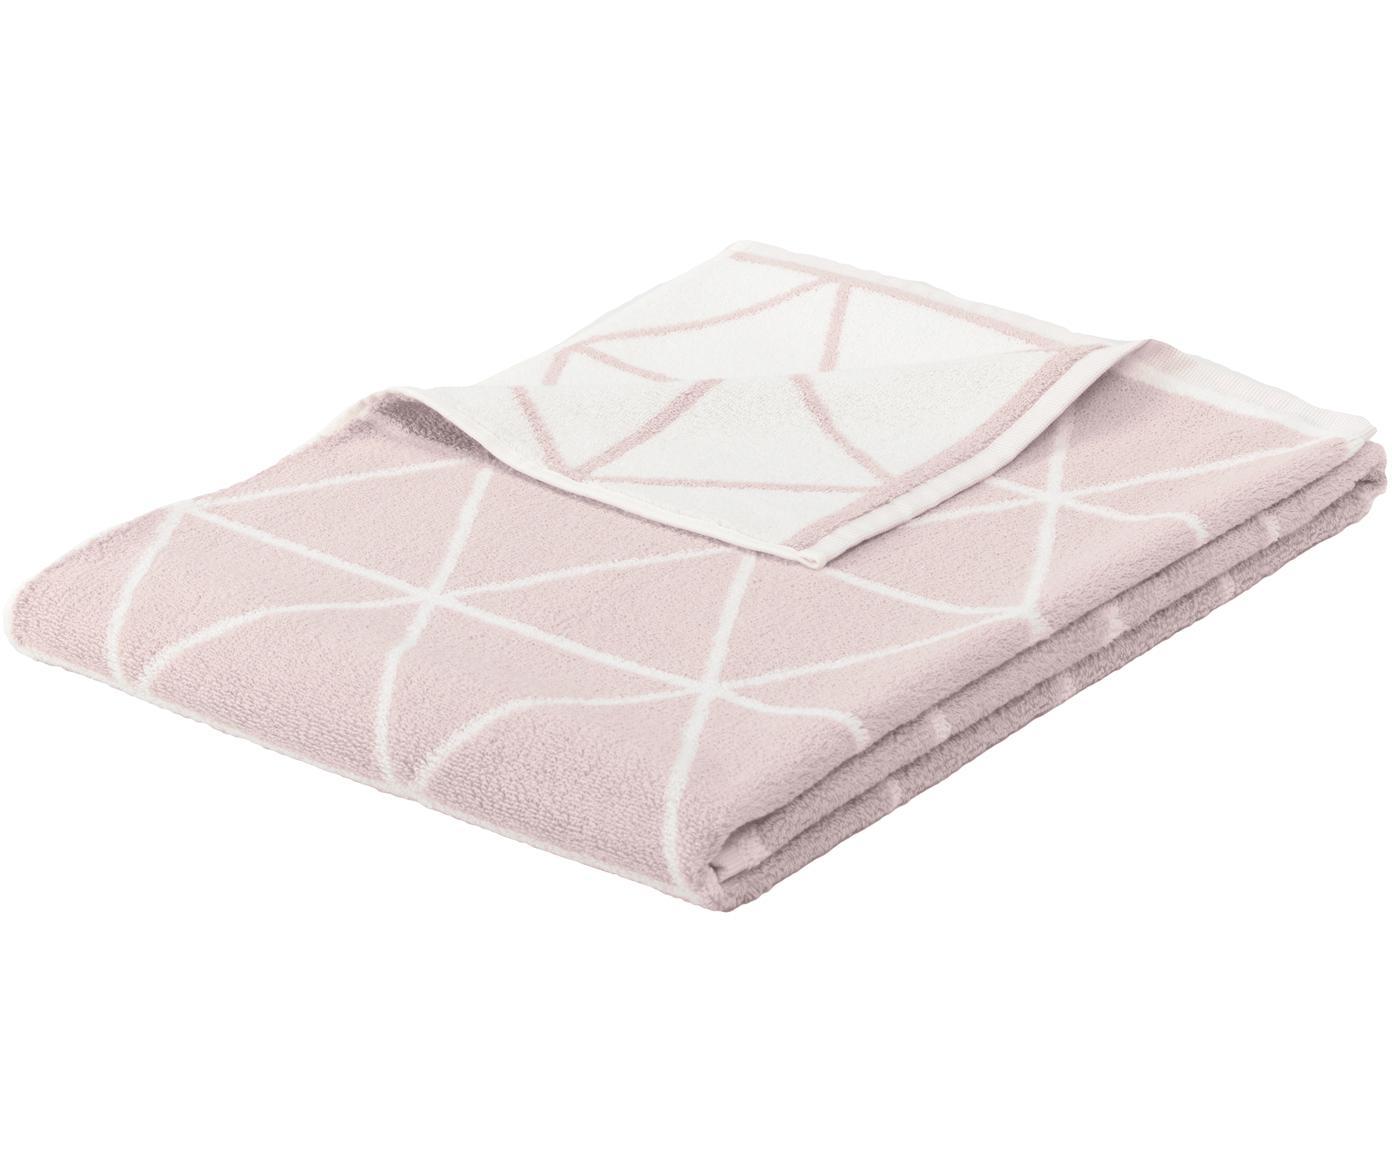 Dubbelzijdige handdoek Elina, 100% katoen, middelzware kwaliteit, 550 g/m², Roze, crèmewit, Handdoek